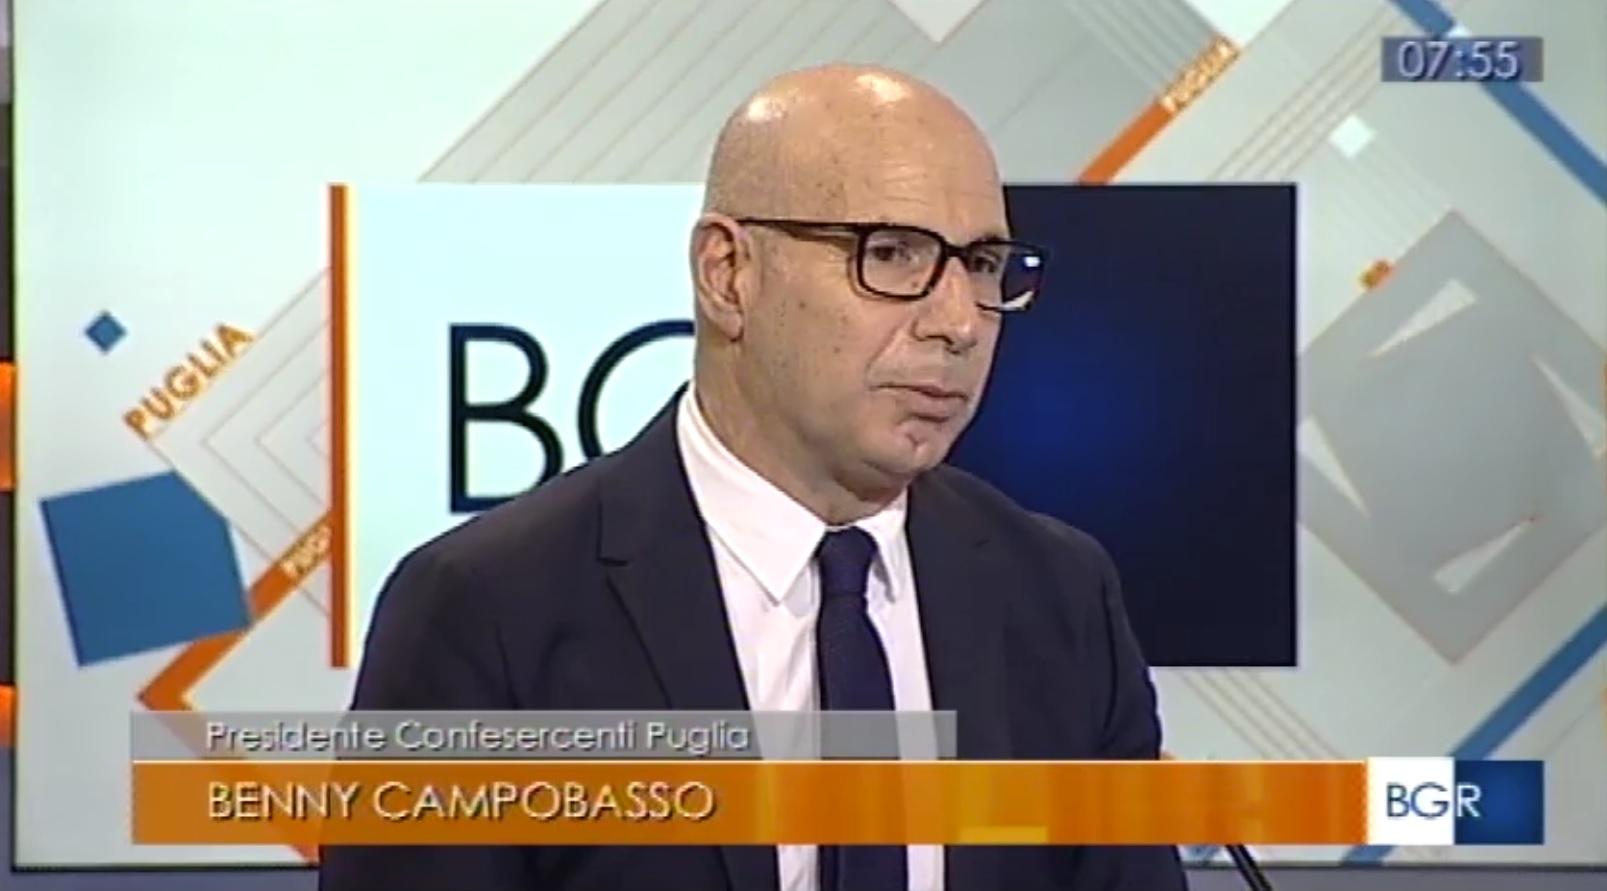 Saldi in Puglia, il punto del presidente Benny Campobasso